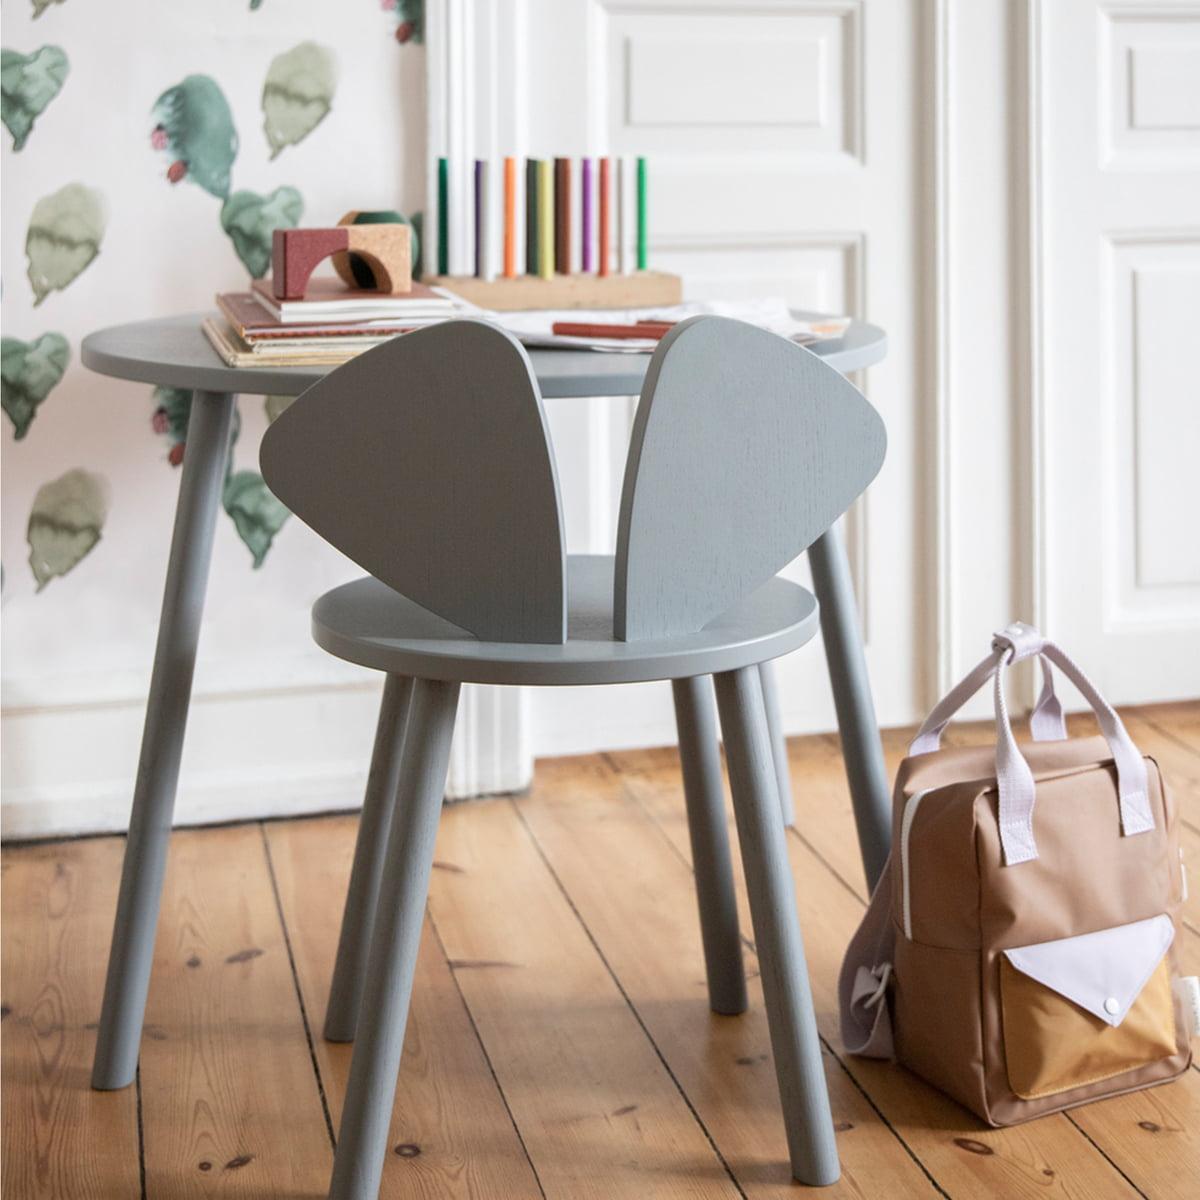 Nofred - Mouse Kindertisch oval 64 x 46 cm| schwarz | Kinderzimmer > Kindertische > Spieltische | Nofred